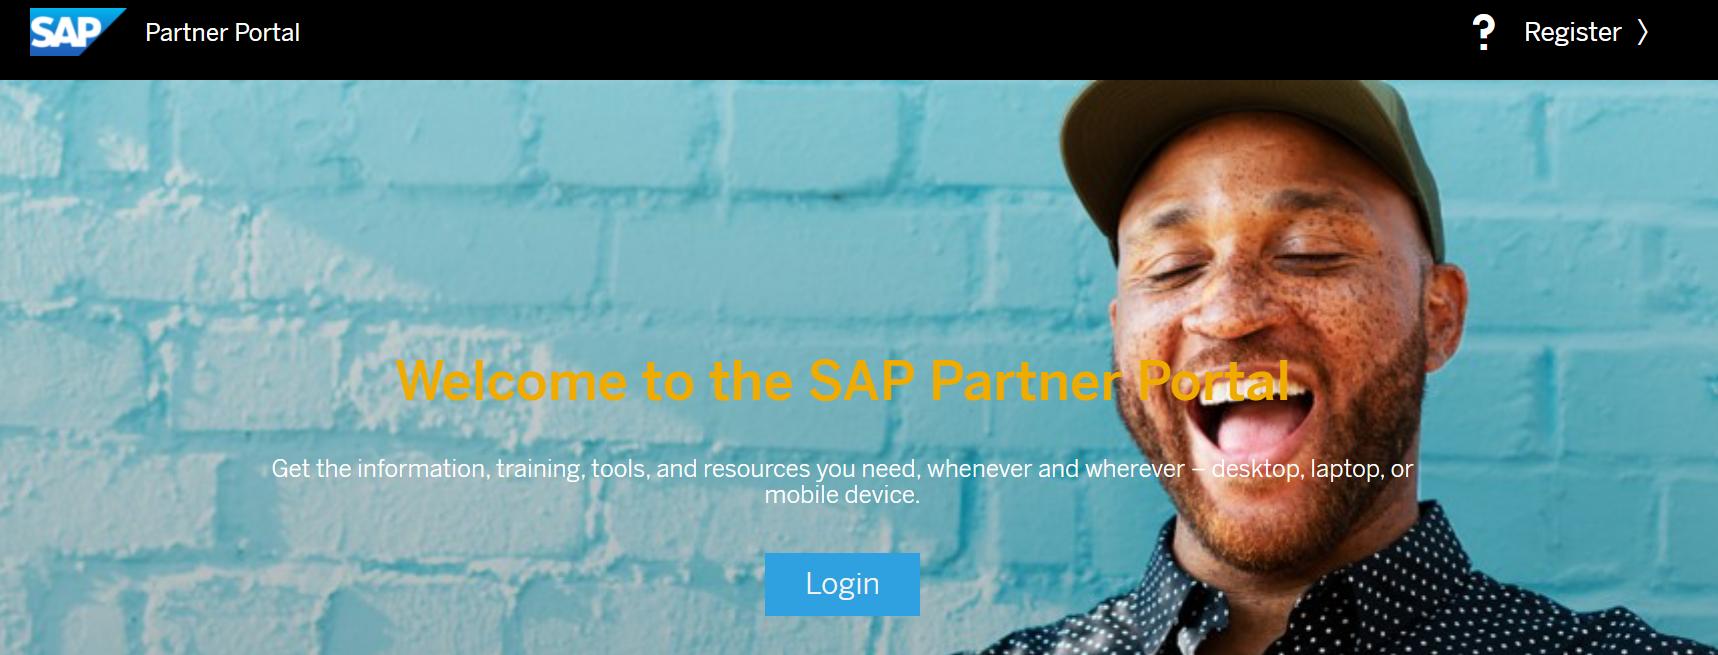 sap-partner-program